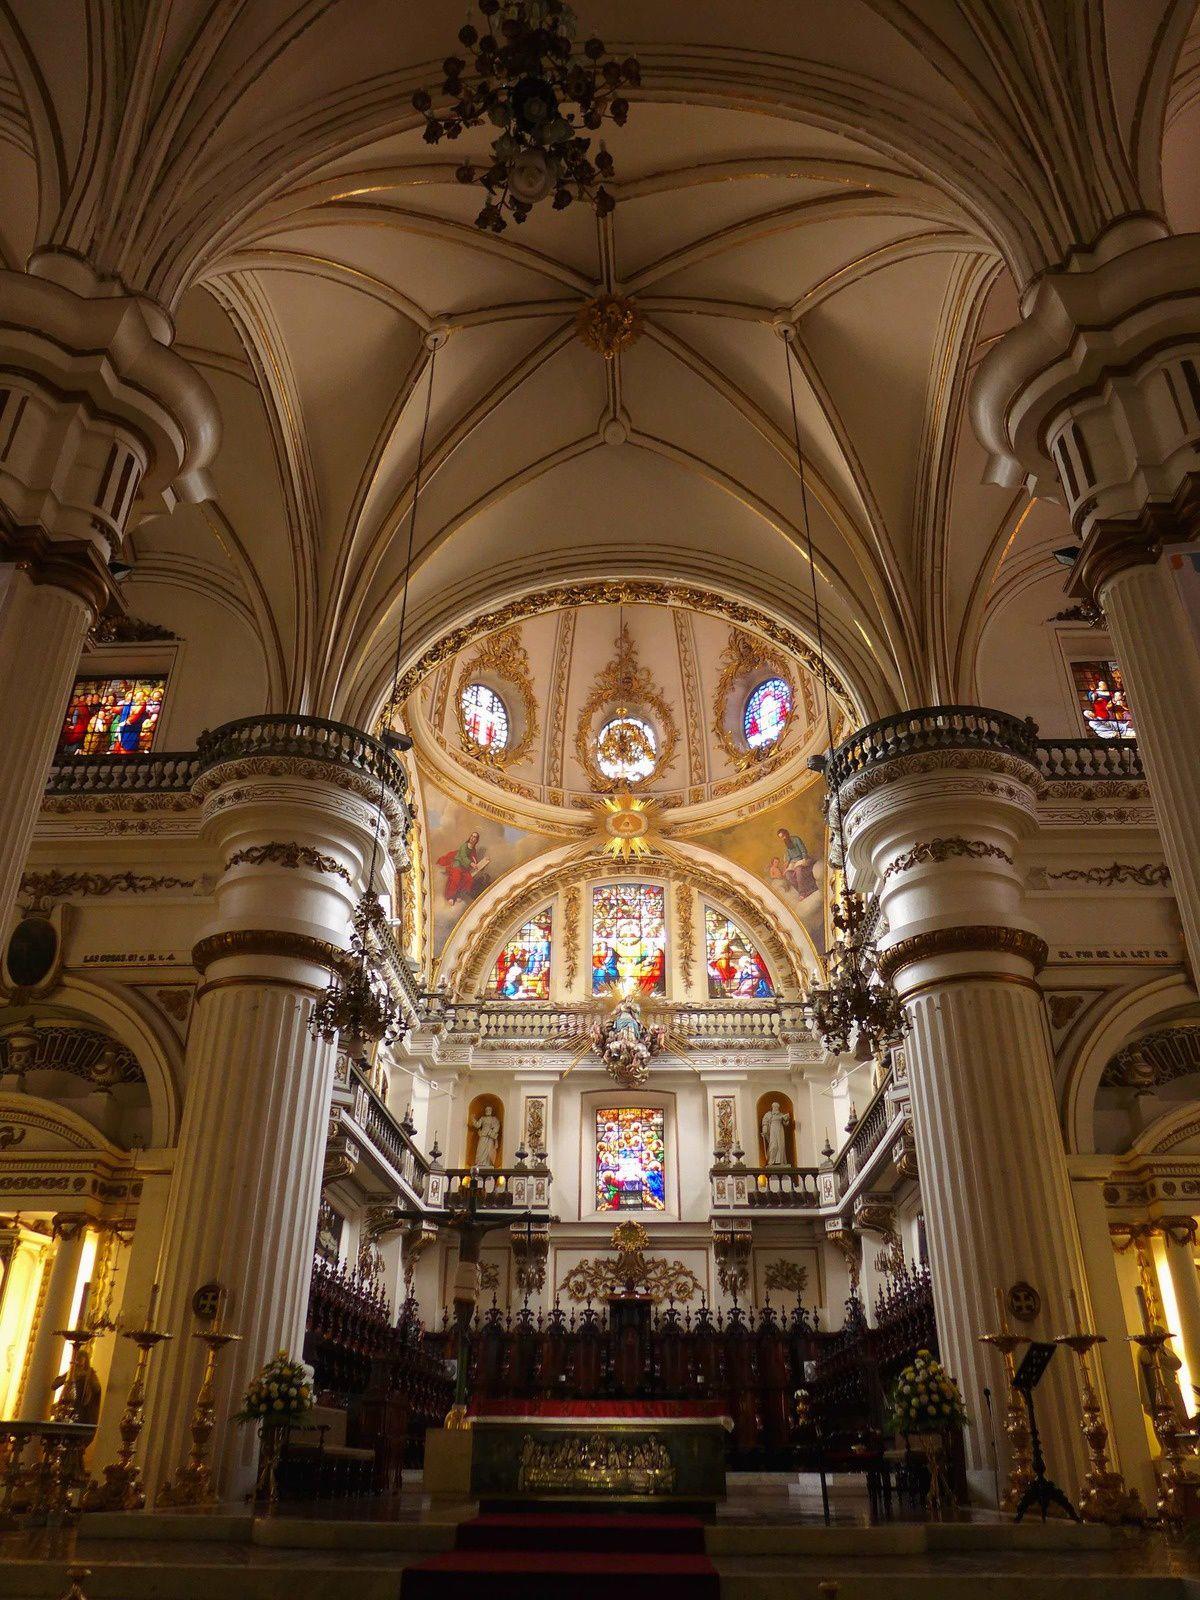 Cette cathédrale aux tours jumelles constitue le symbole et le grand repère de la ville. Commencée en 1558 et consacrée en 1618, elle est presque aussi ancienne que la ville. Ses tours, reconstruites en 1848 après un tremblement de terre, sont beaucoup plus hautes que celles d'origine. L'intérieur renferme de massifs piliers de style toscan dorés à la feuille et onze autels richement ornés offerts à Guadalajara par le roi Ferdinand VII d'Espagne